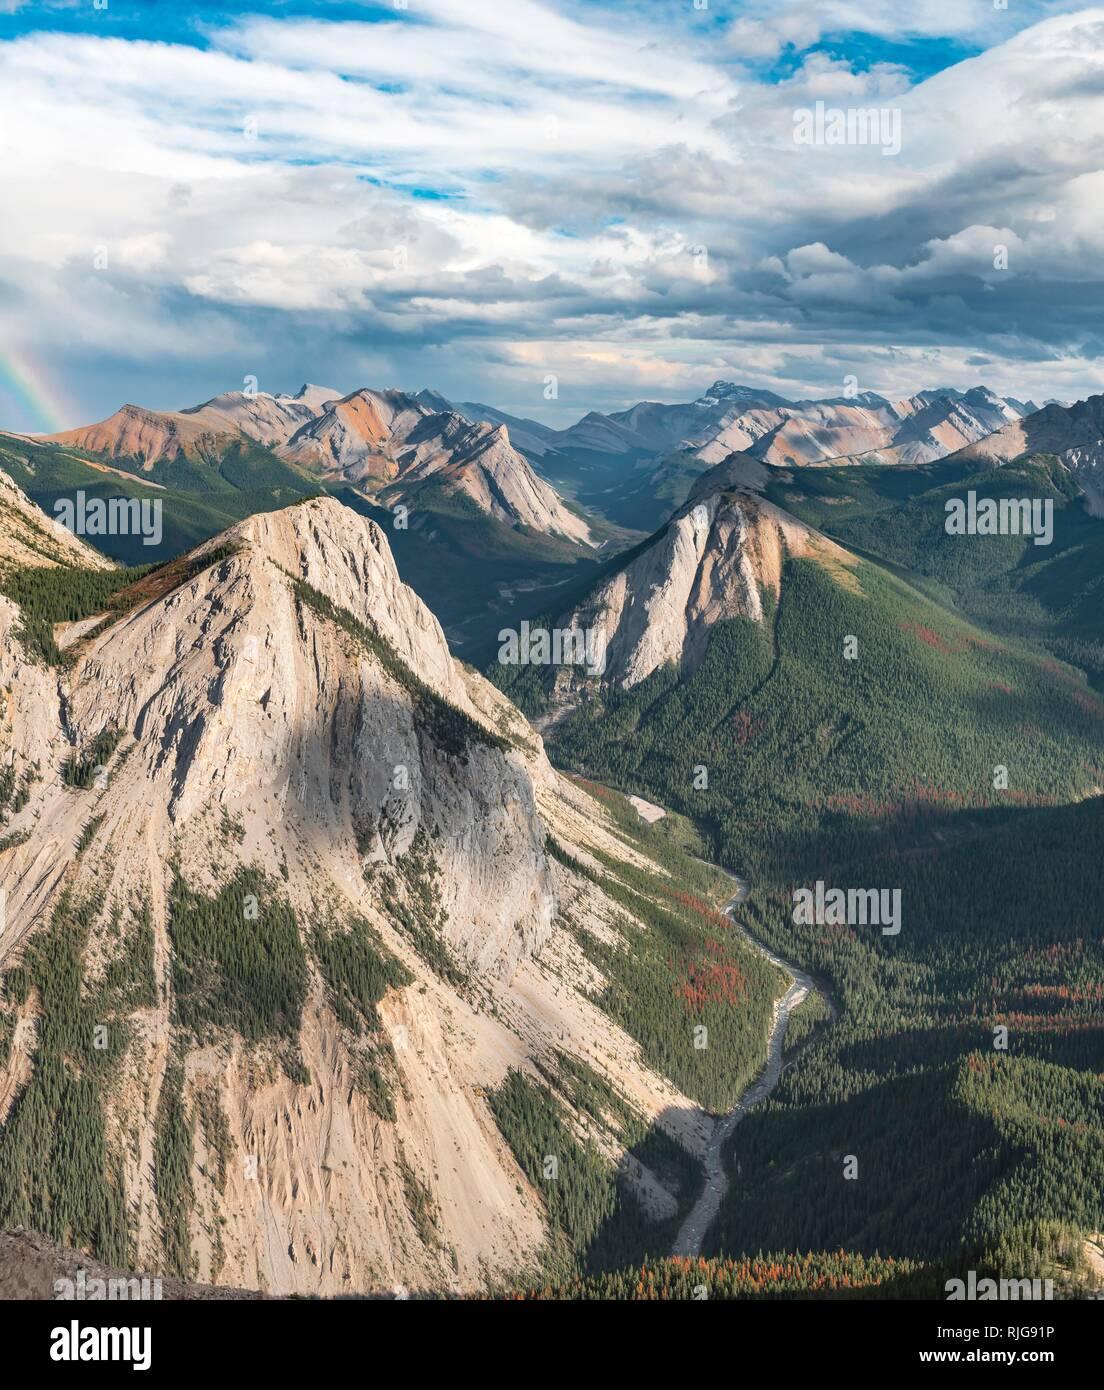 Des vues spectaculaires de Sulphur Skyline Trail de la vallée de la rivière de montagne, les sommets et une nature préservée, vue panoramique Photo Stock